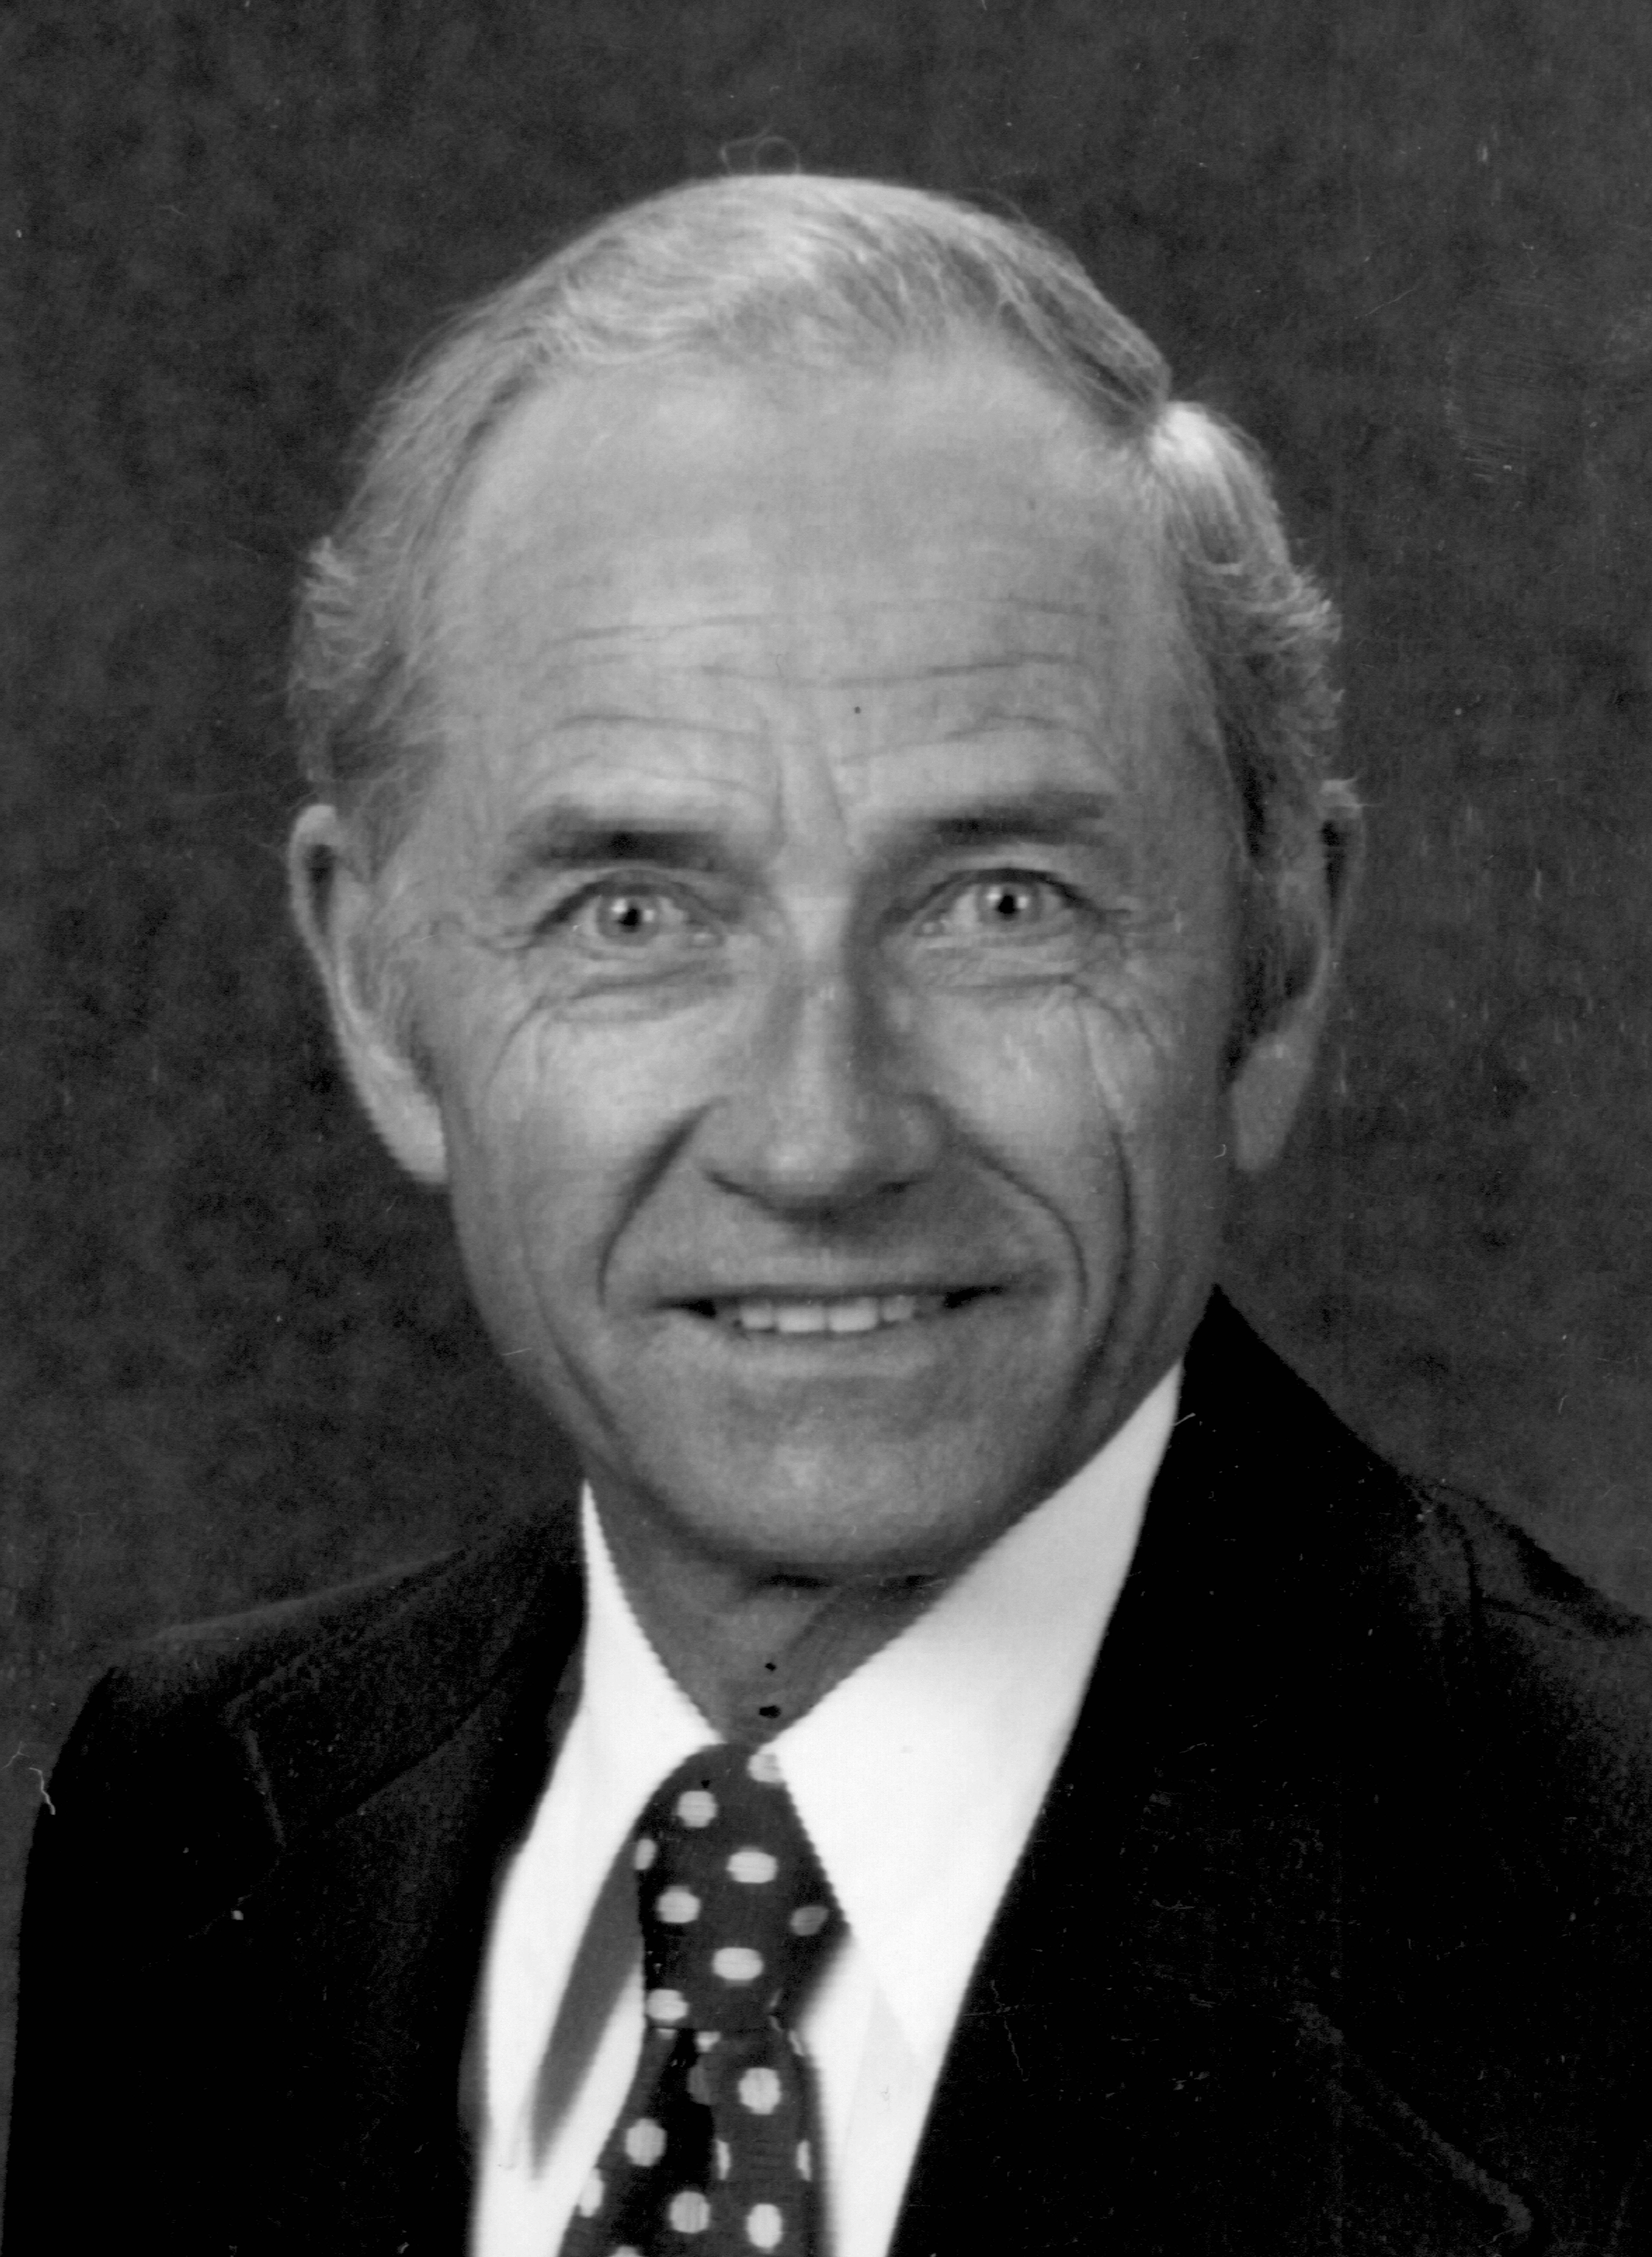 Merrill Delbert Tyler